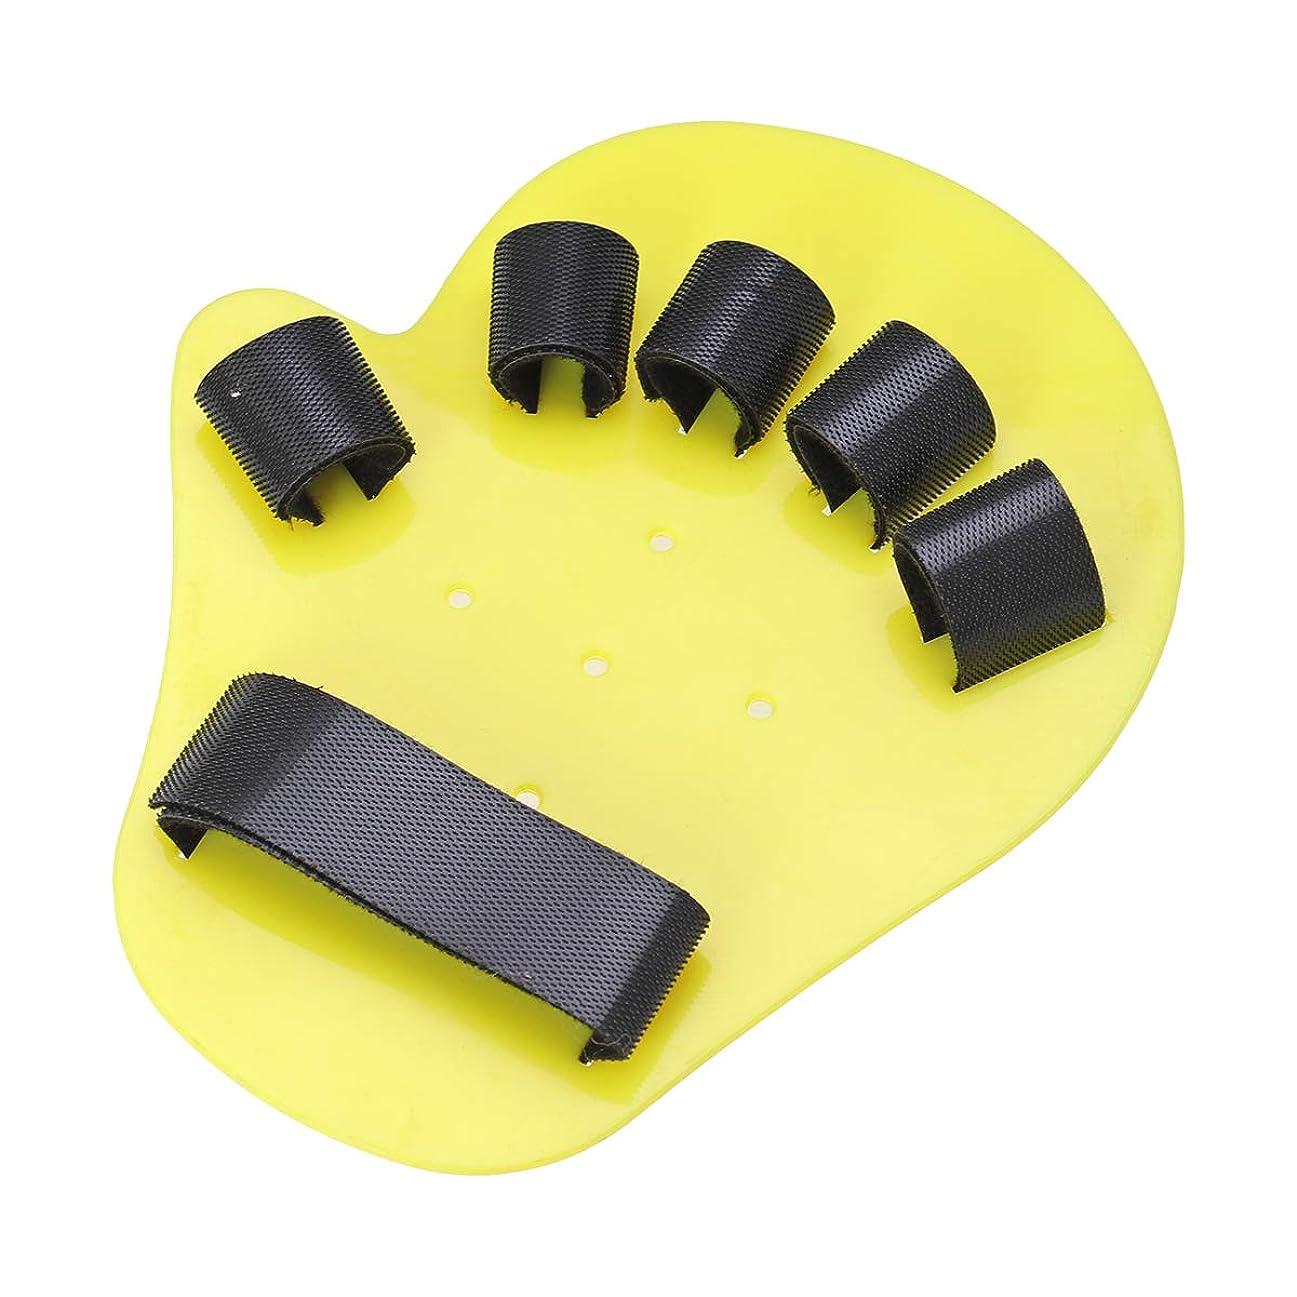 九天の言うSUPVOX 指の装具キッズ指トレーニングボード指副木指用脳卒中片麻痺5-10年